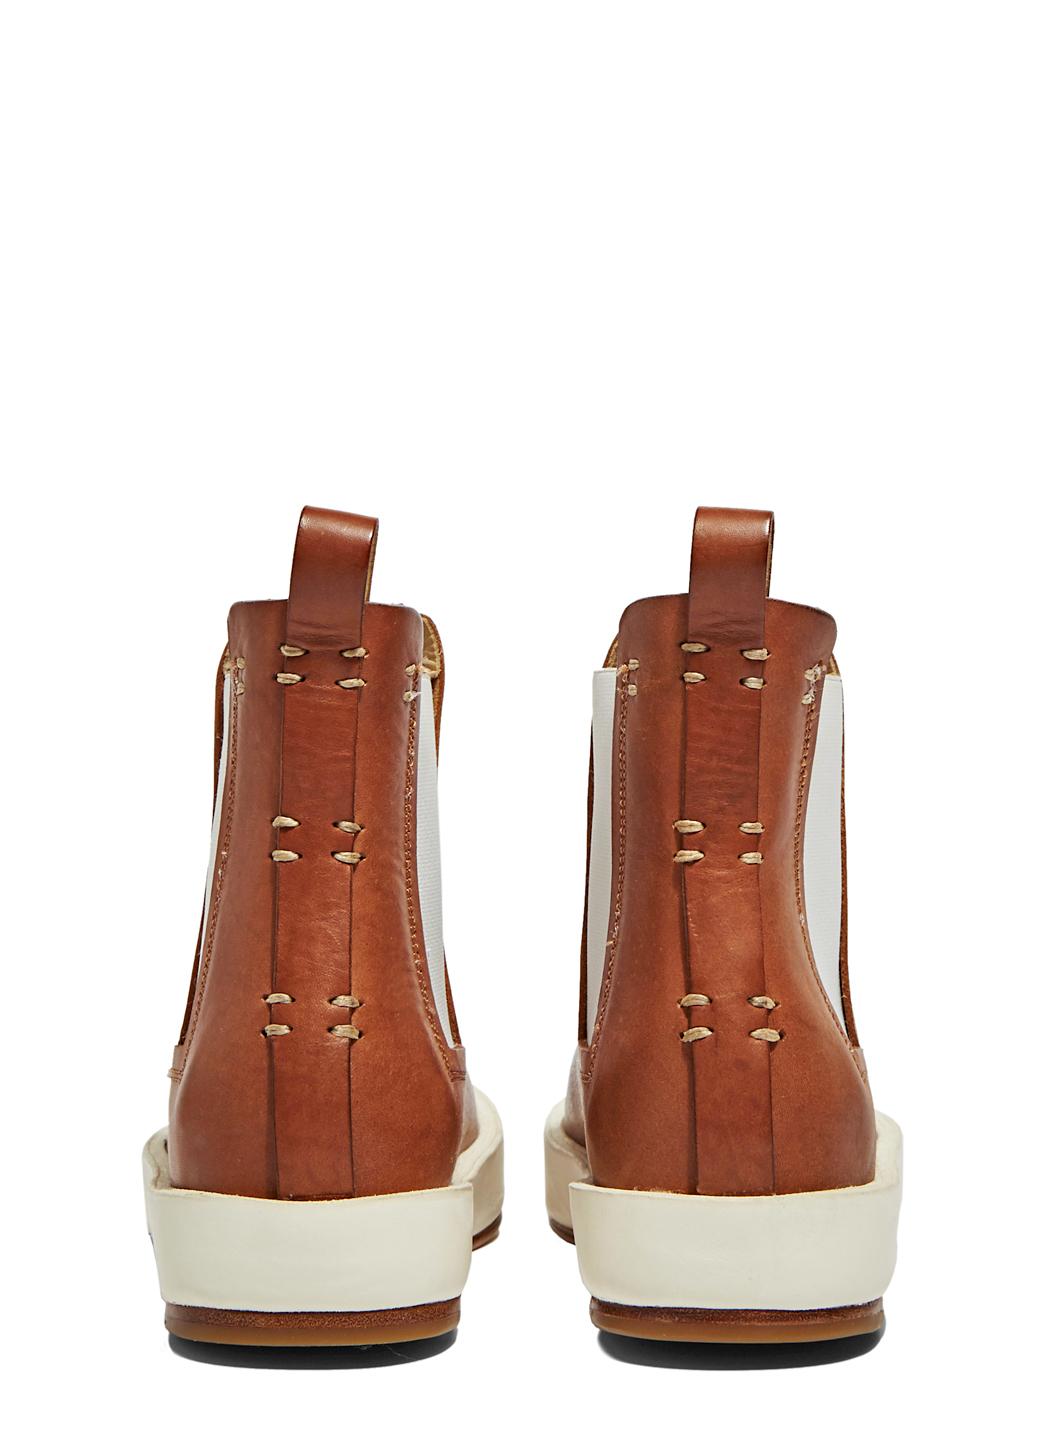 Feit Shoes Uk